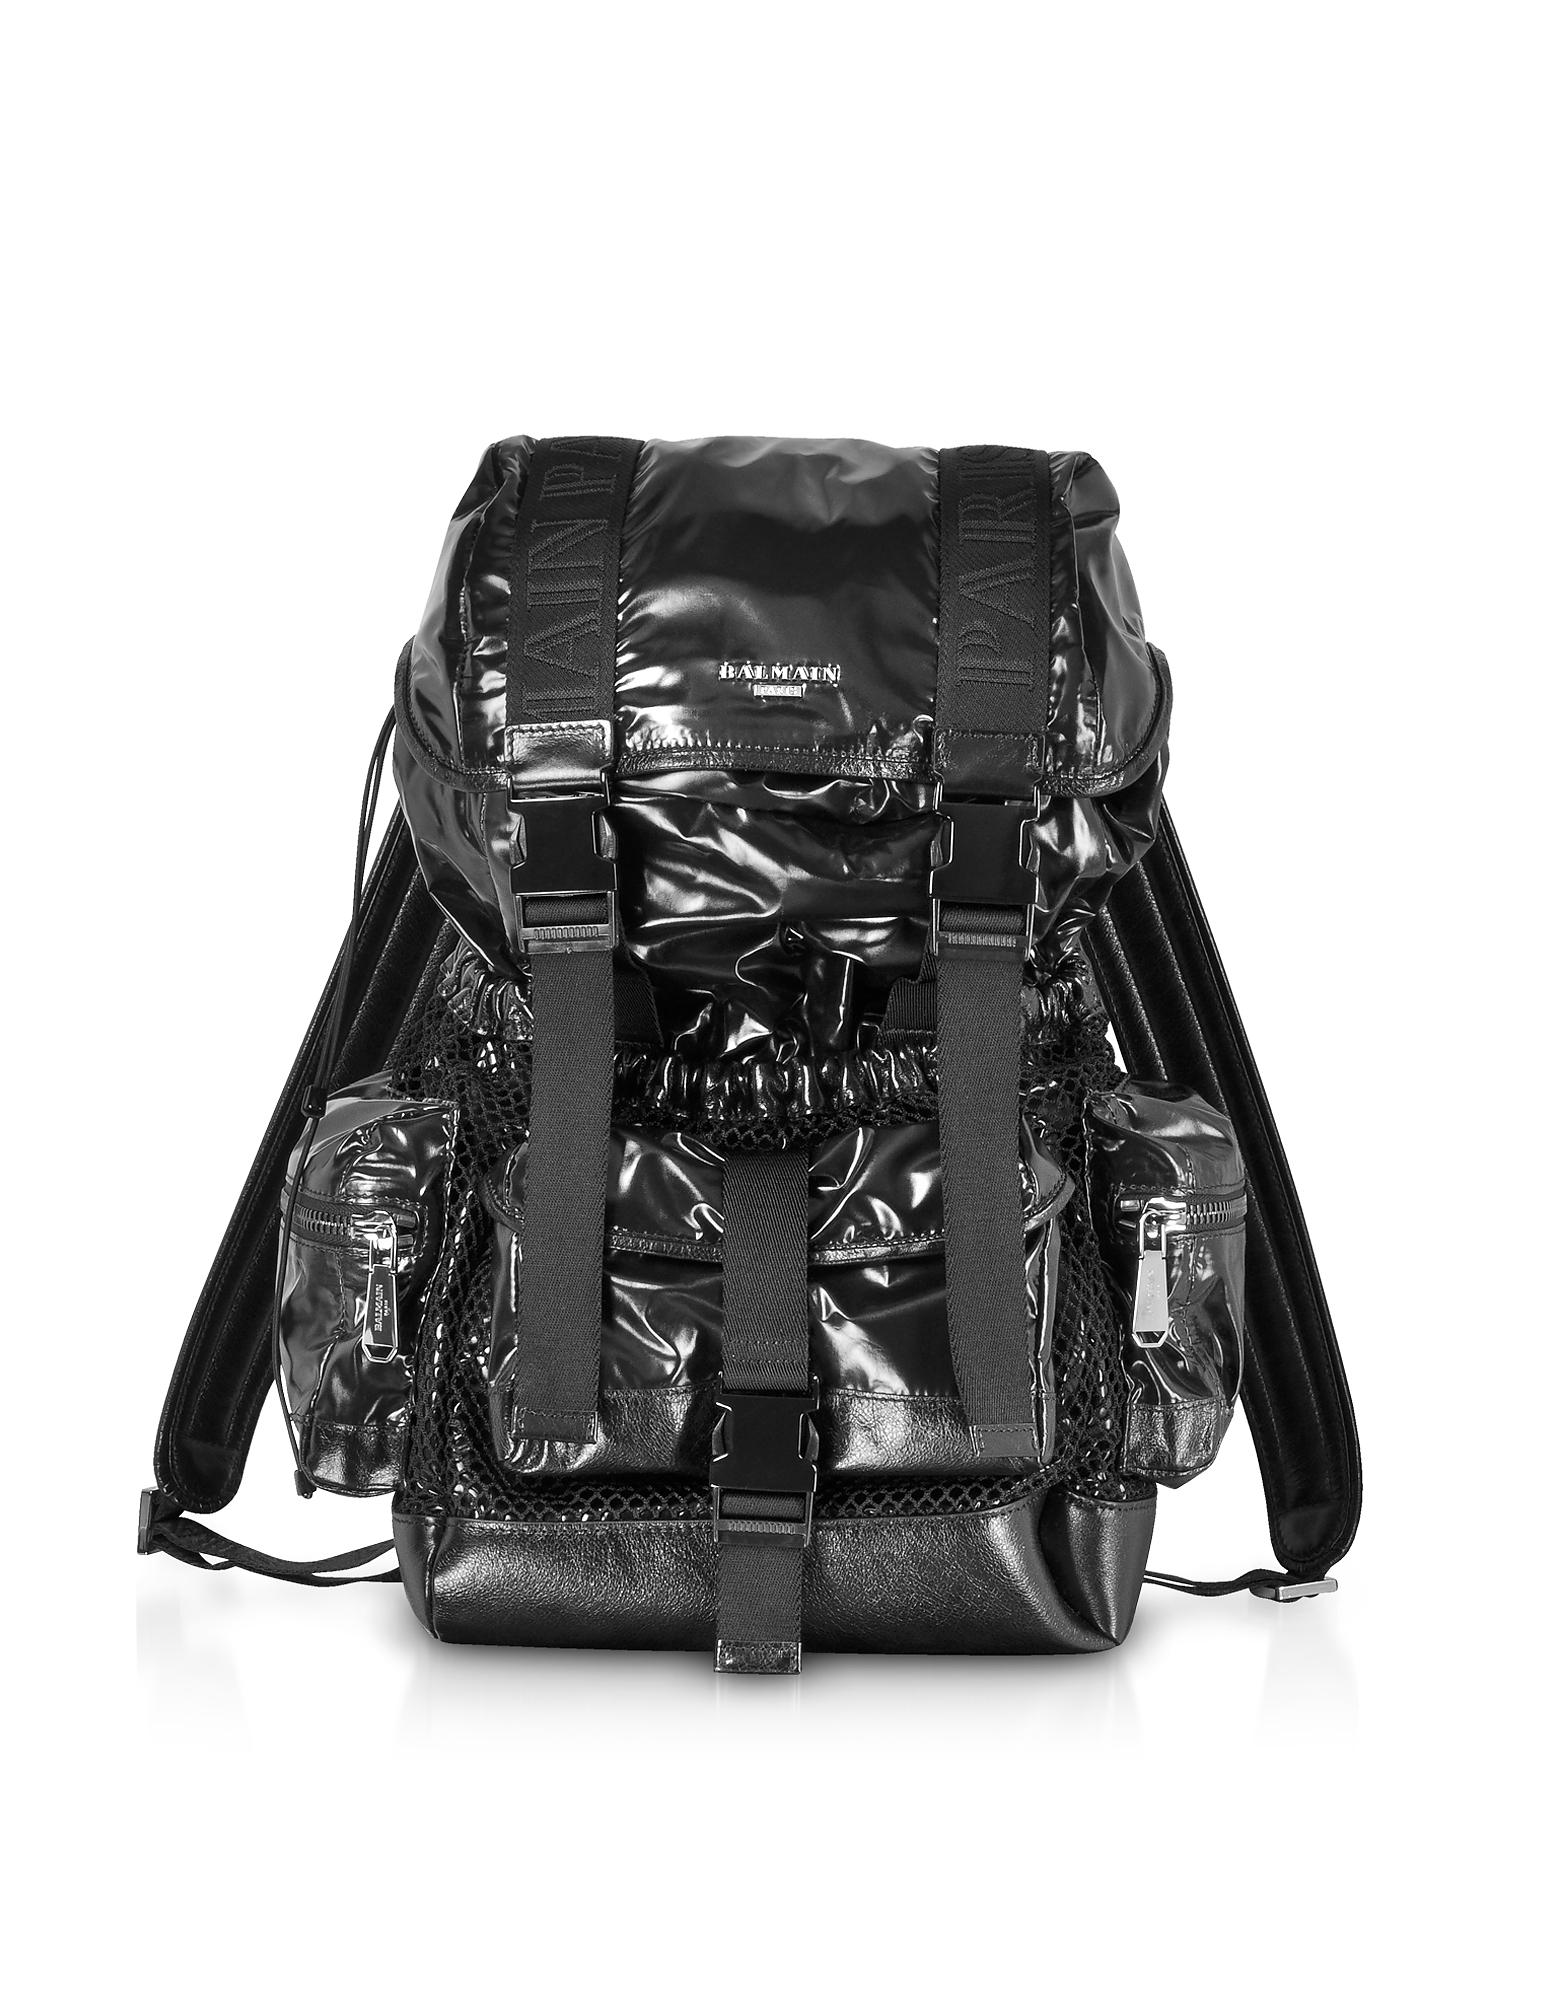 Image of Balmain Designer Backpacks, Black Shiny Nylon and Metallic Mesh Men's Backpack